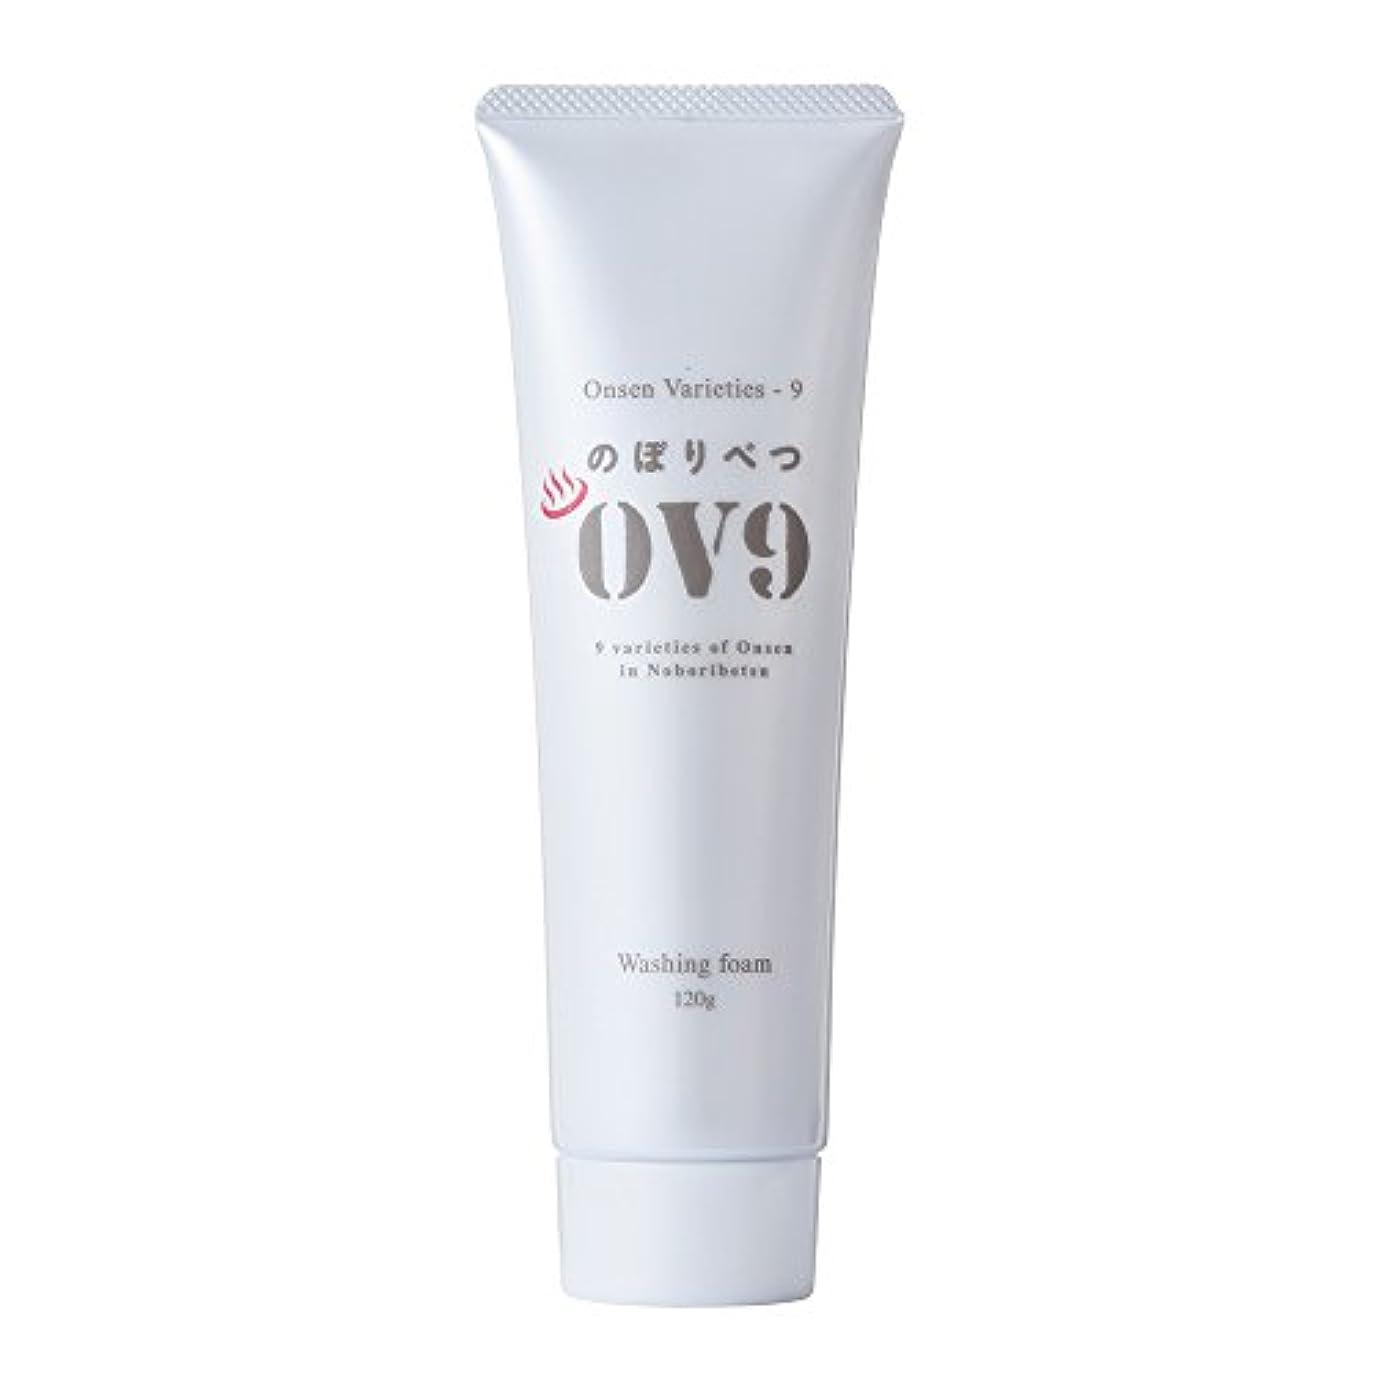 告白調子熟達のぼりべつ OV9 洗顔フォーム 120g